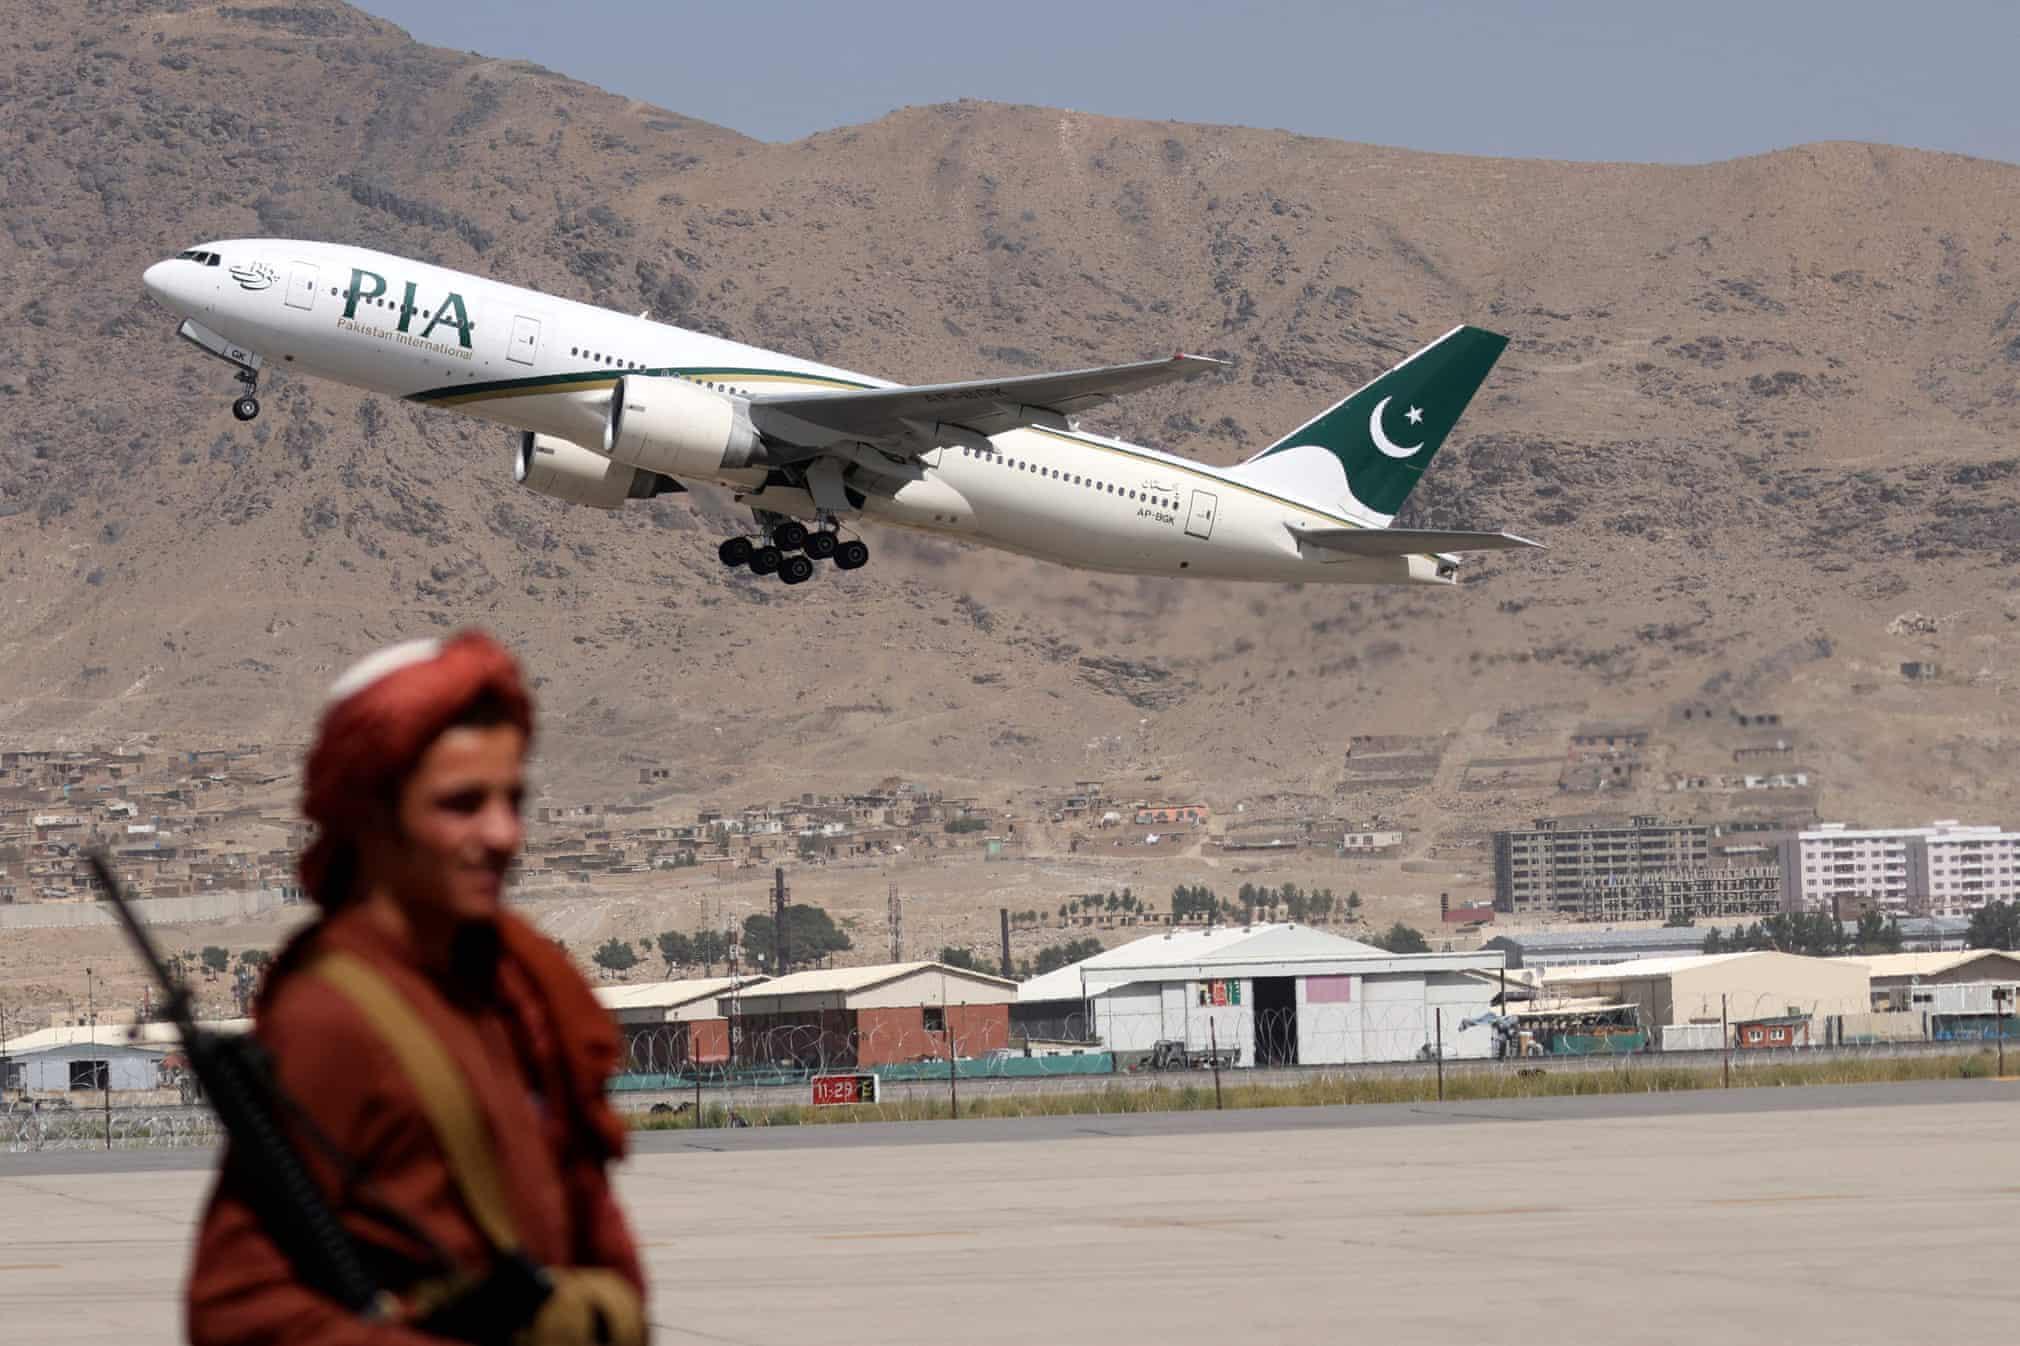 اولین پرواز تجاری خارجی در افغانستان از زمان تسلط طالبان + عکس